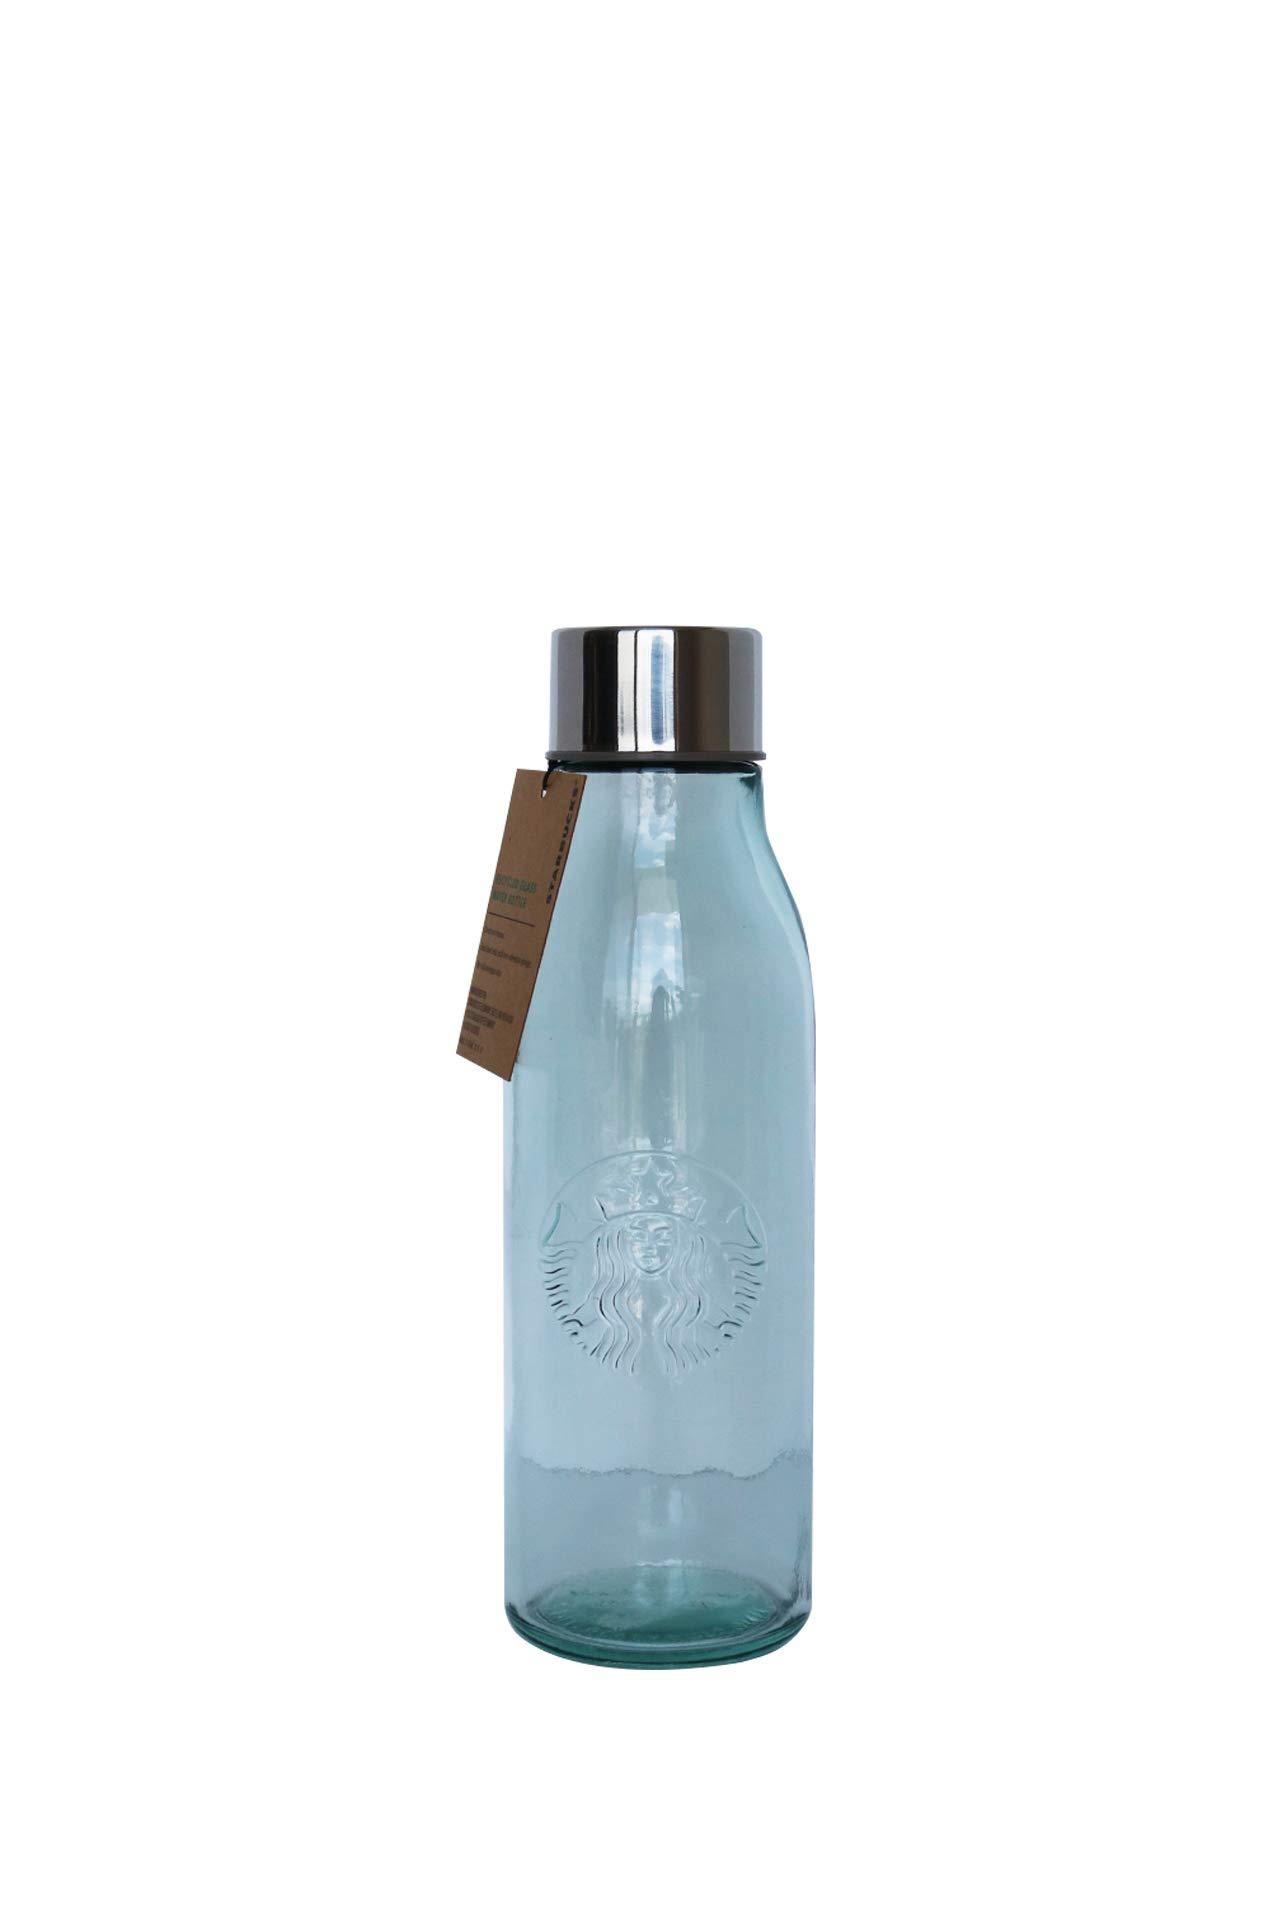 Starbucks Glass Water Bottle Spring Summer 2019 by Starbucks